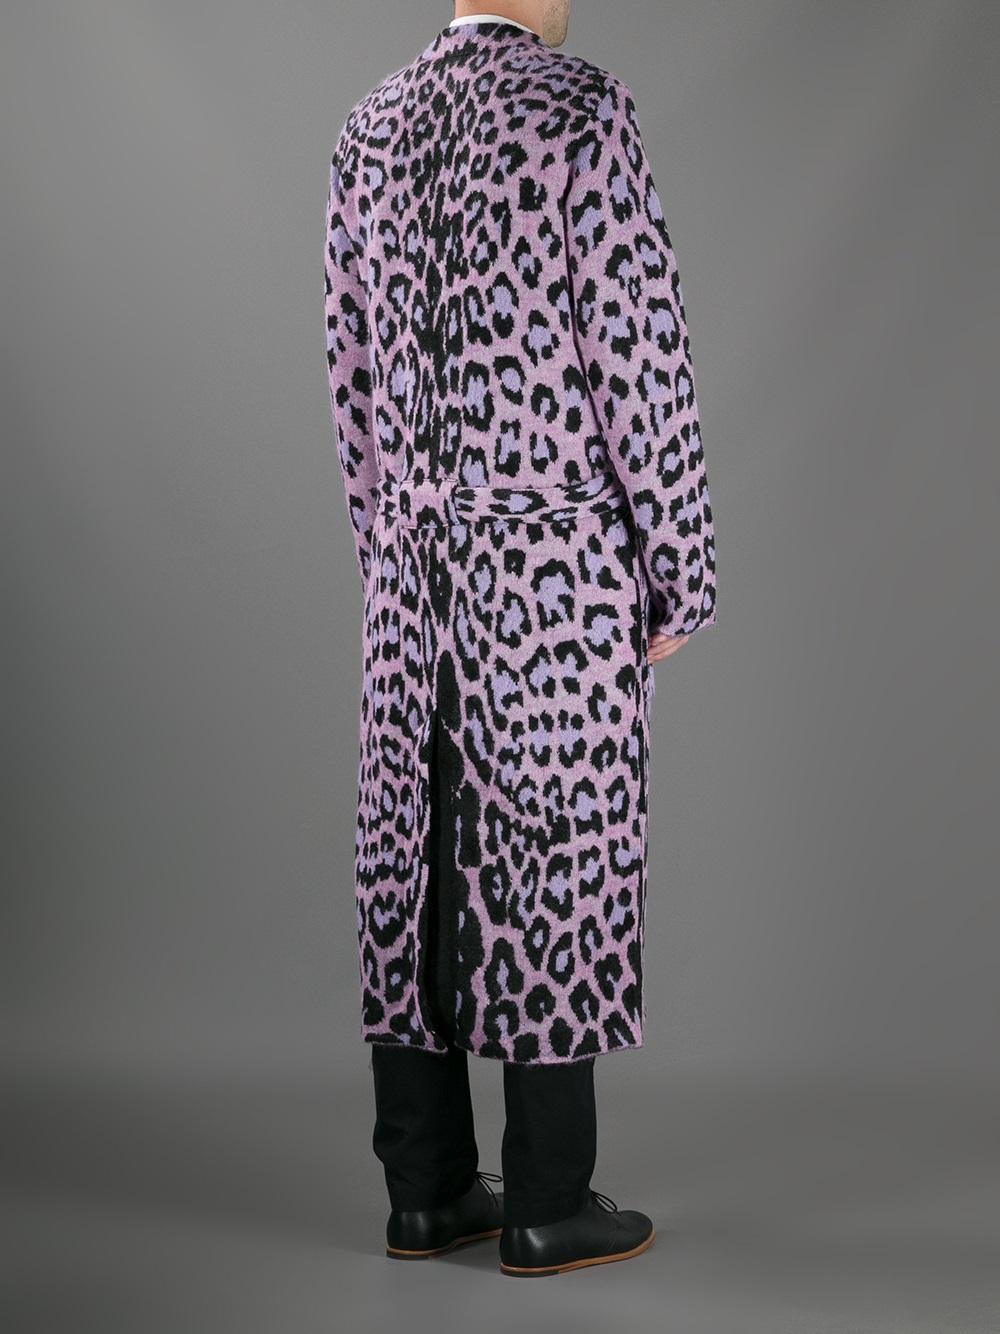 Yohji Yamamoto Leopard Print Long Cardigan In Purple For